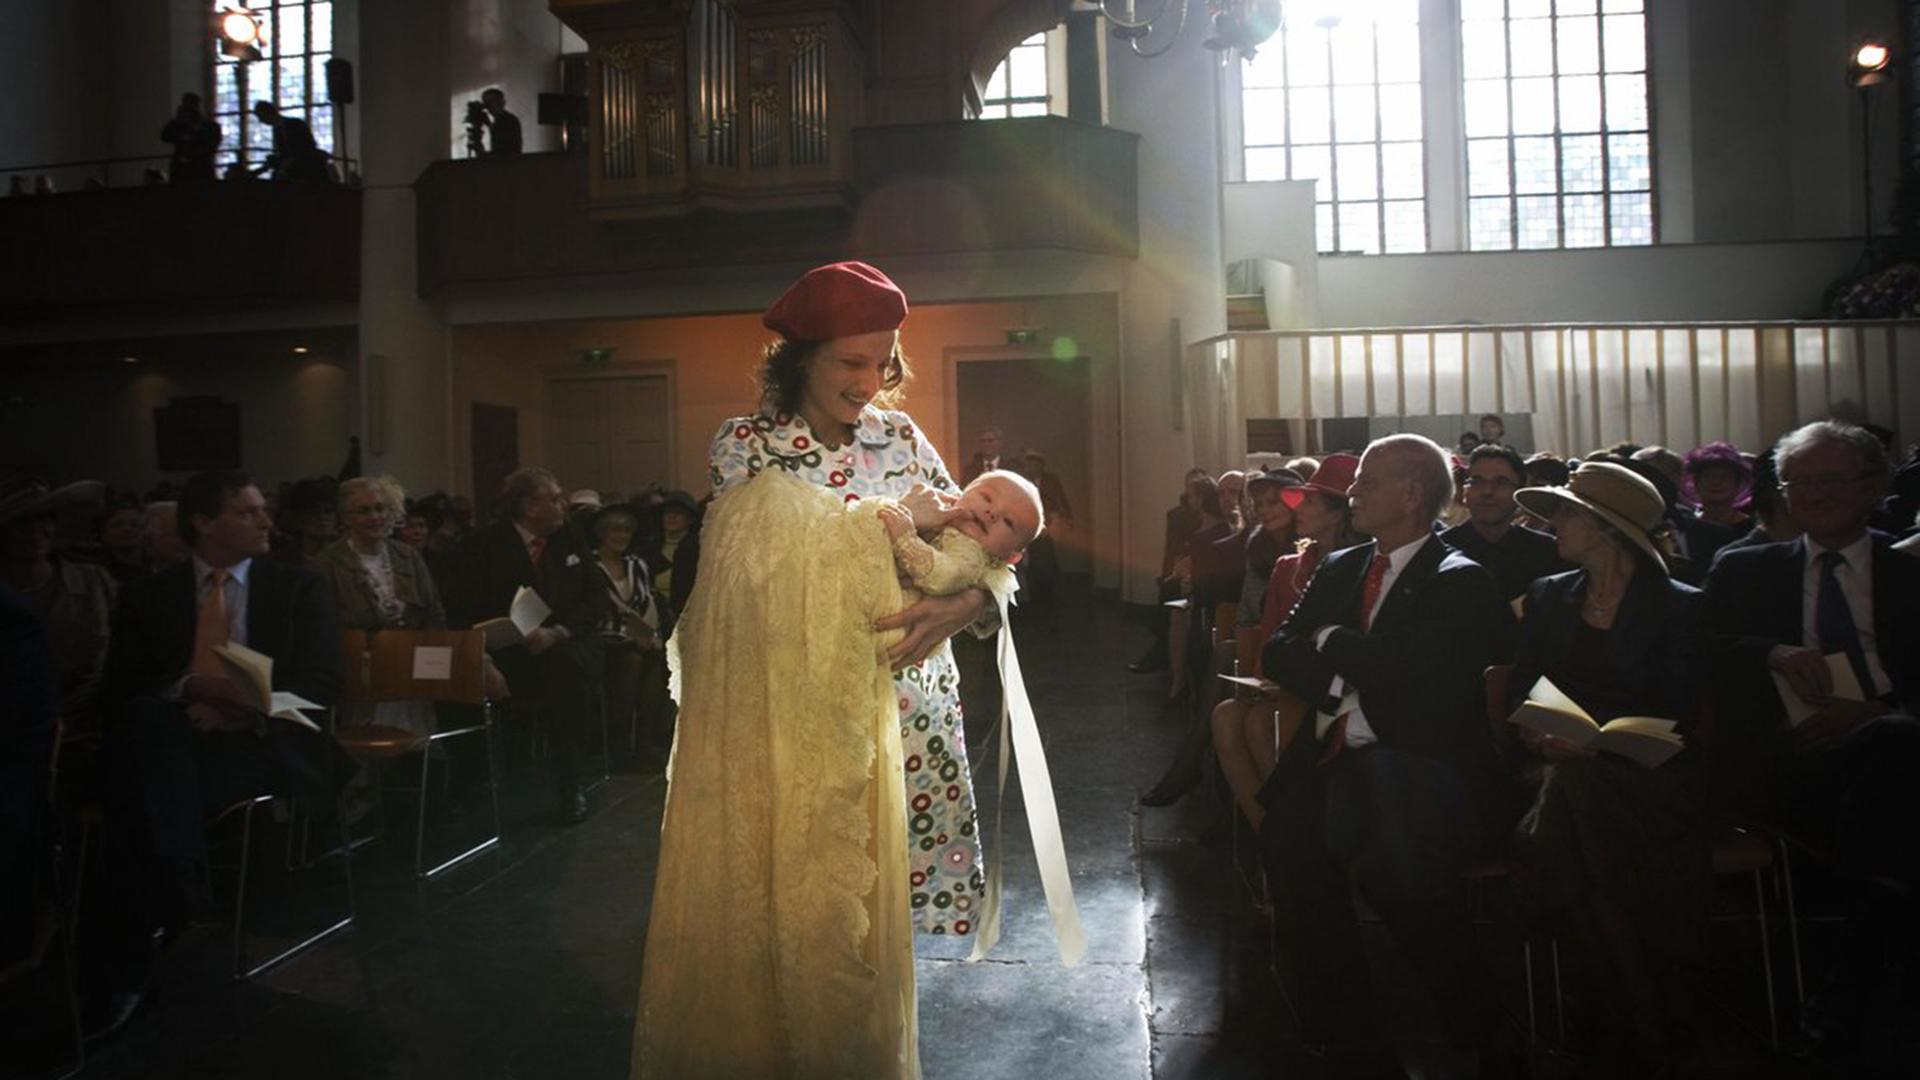 Ariadna fue autizada en La Haya, en la iglesia de la Abadía, el 20 de octubre de 2007. El sacerdote Deodaat van der Boon usó agua del río Jordán durante la ceremonia de bautismo. Hubo 850 invitados, entre ellos el primer ministro holandés Jan Peter Balkenende